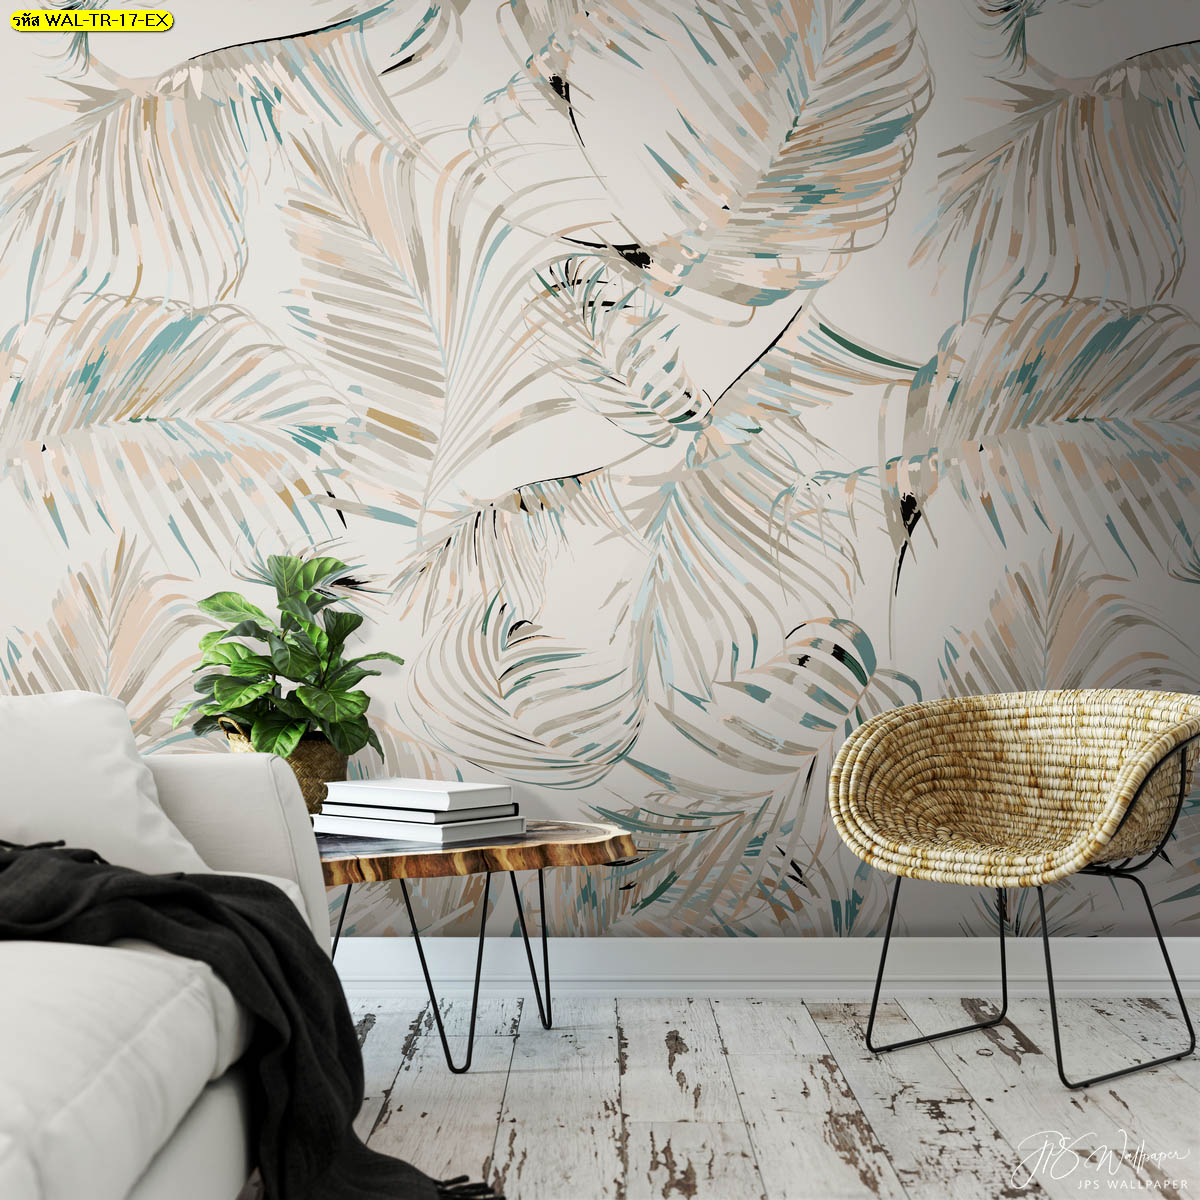 ห้องนั่งเล่นลายใบไม้เท่ๆ วอลเปเปอร์ลายก้านมะพร้าวพื้นหลังสีขาว